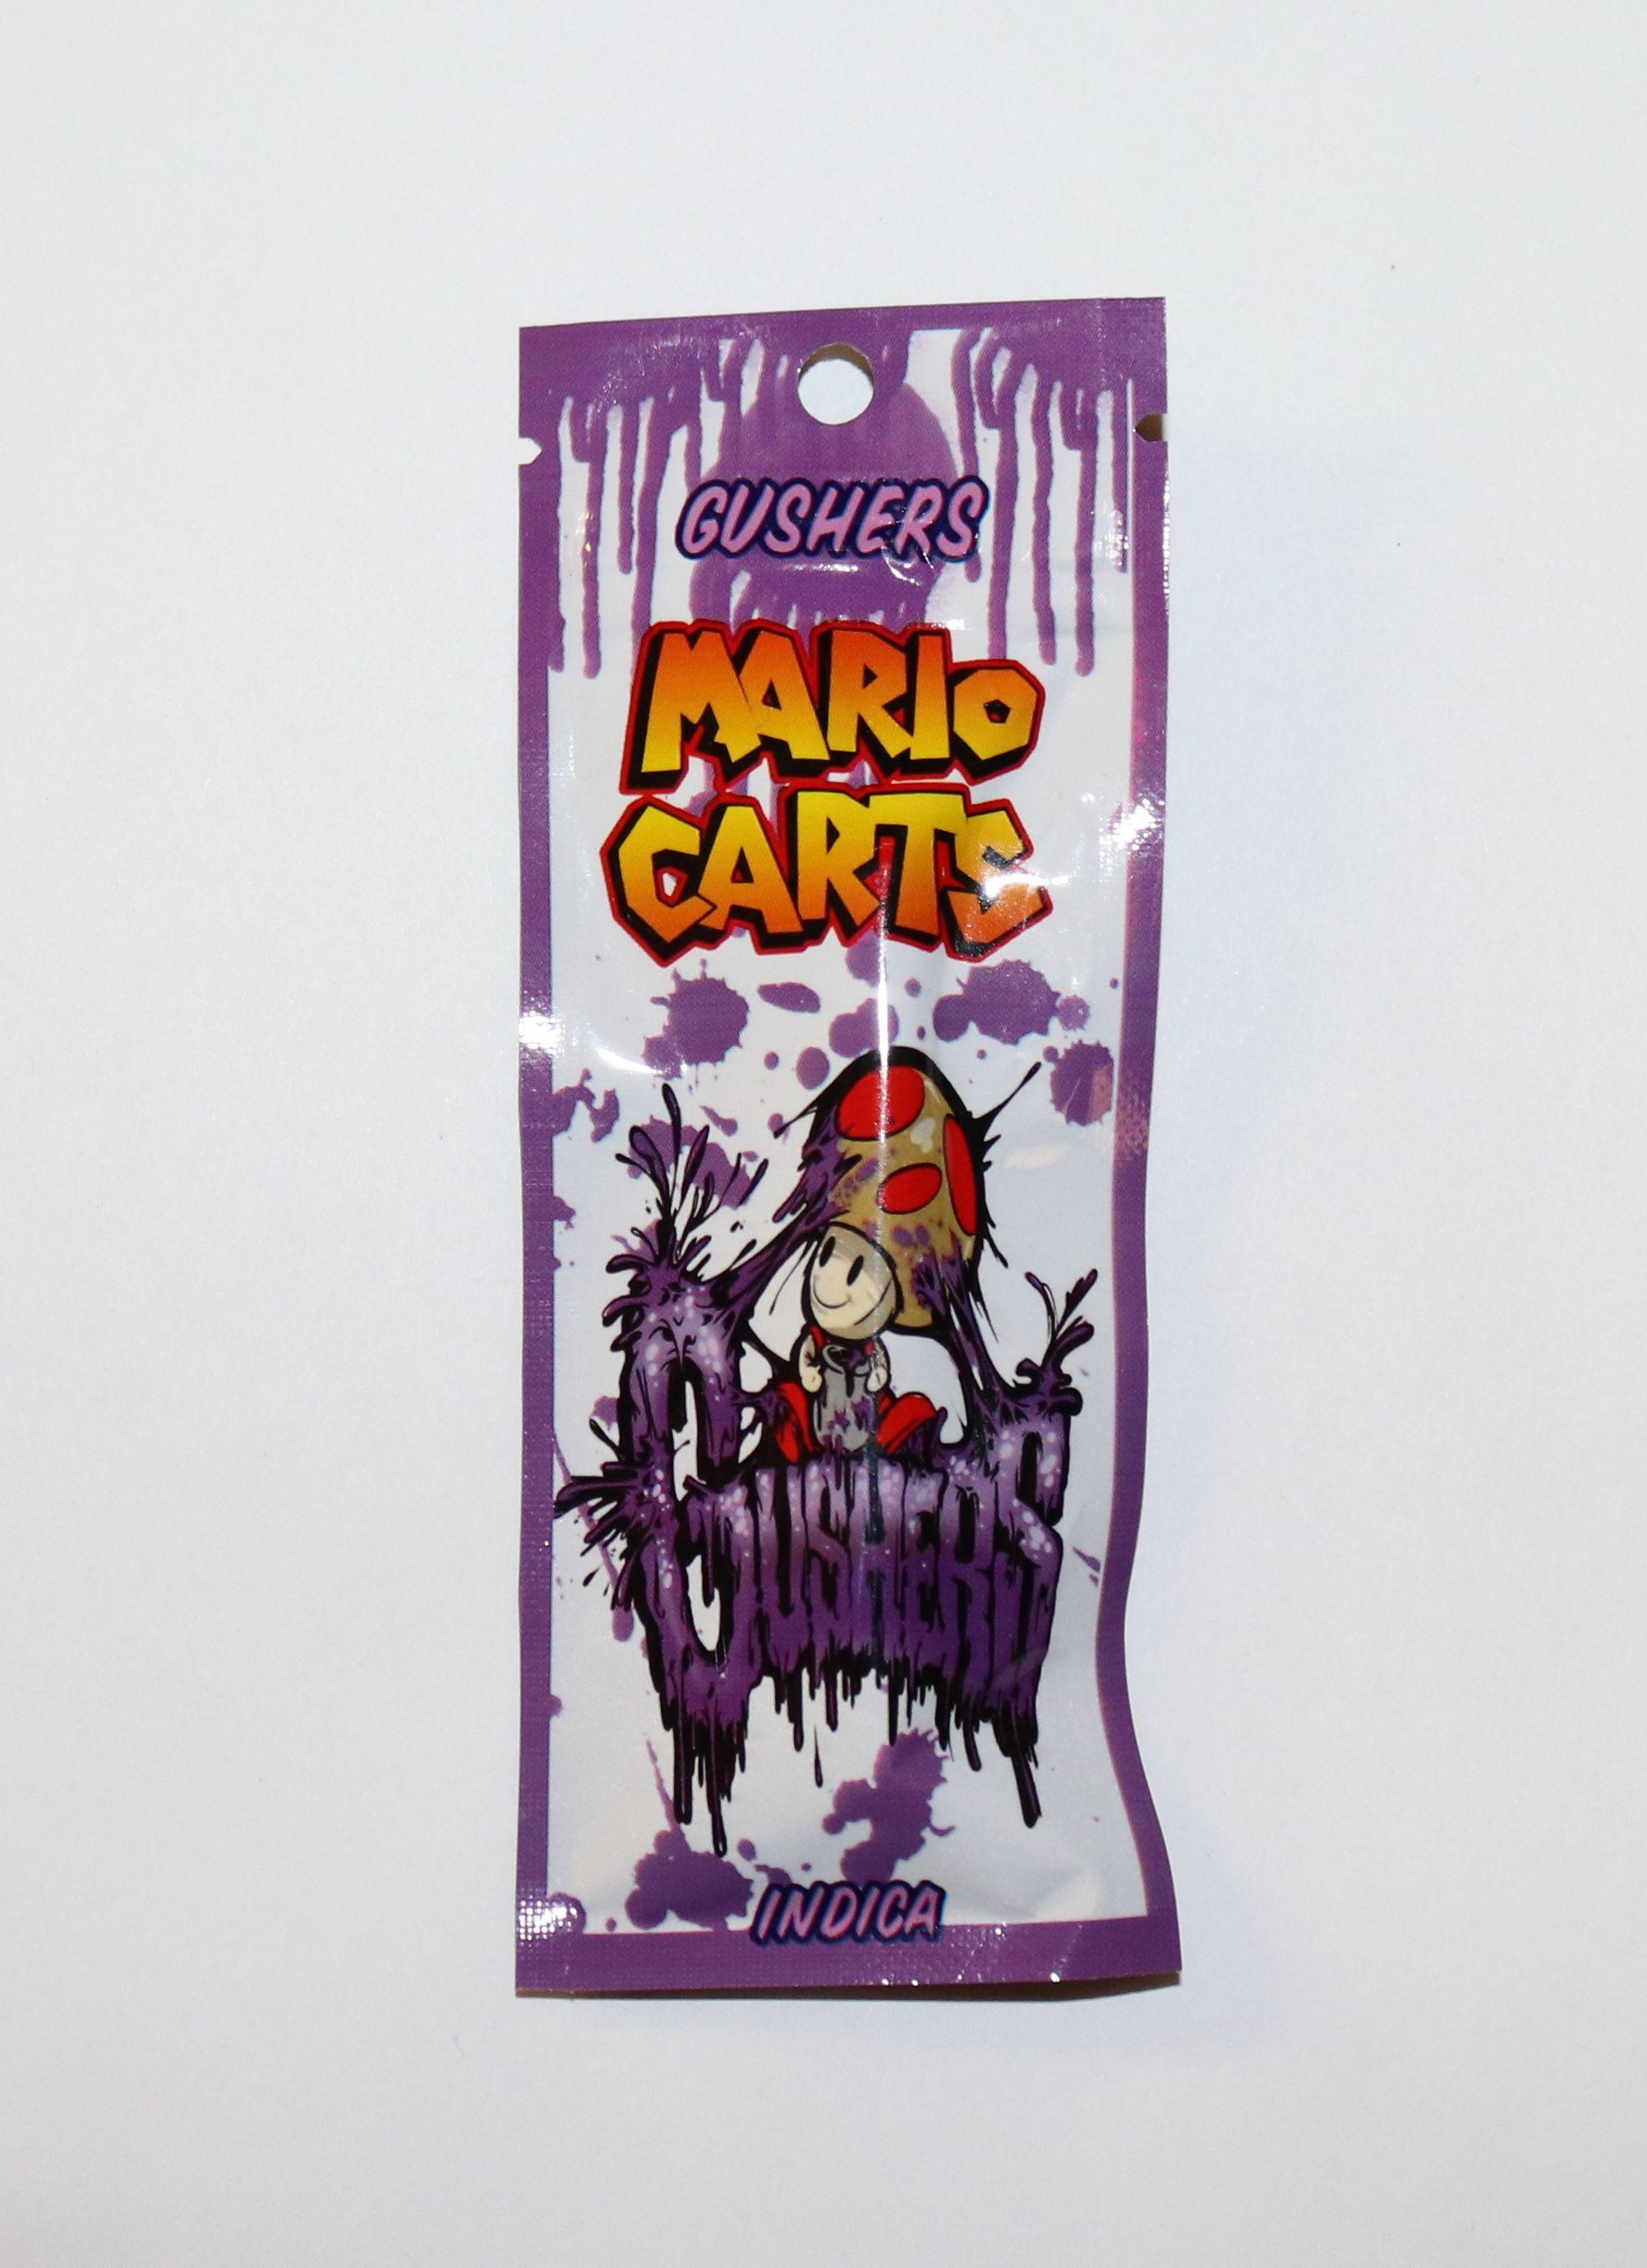 Mario Carts - Gushers